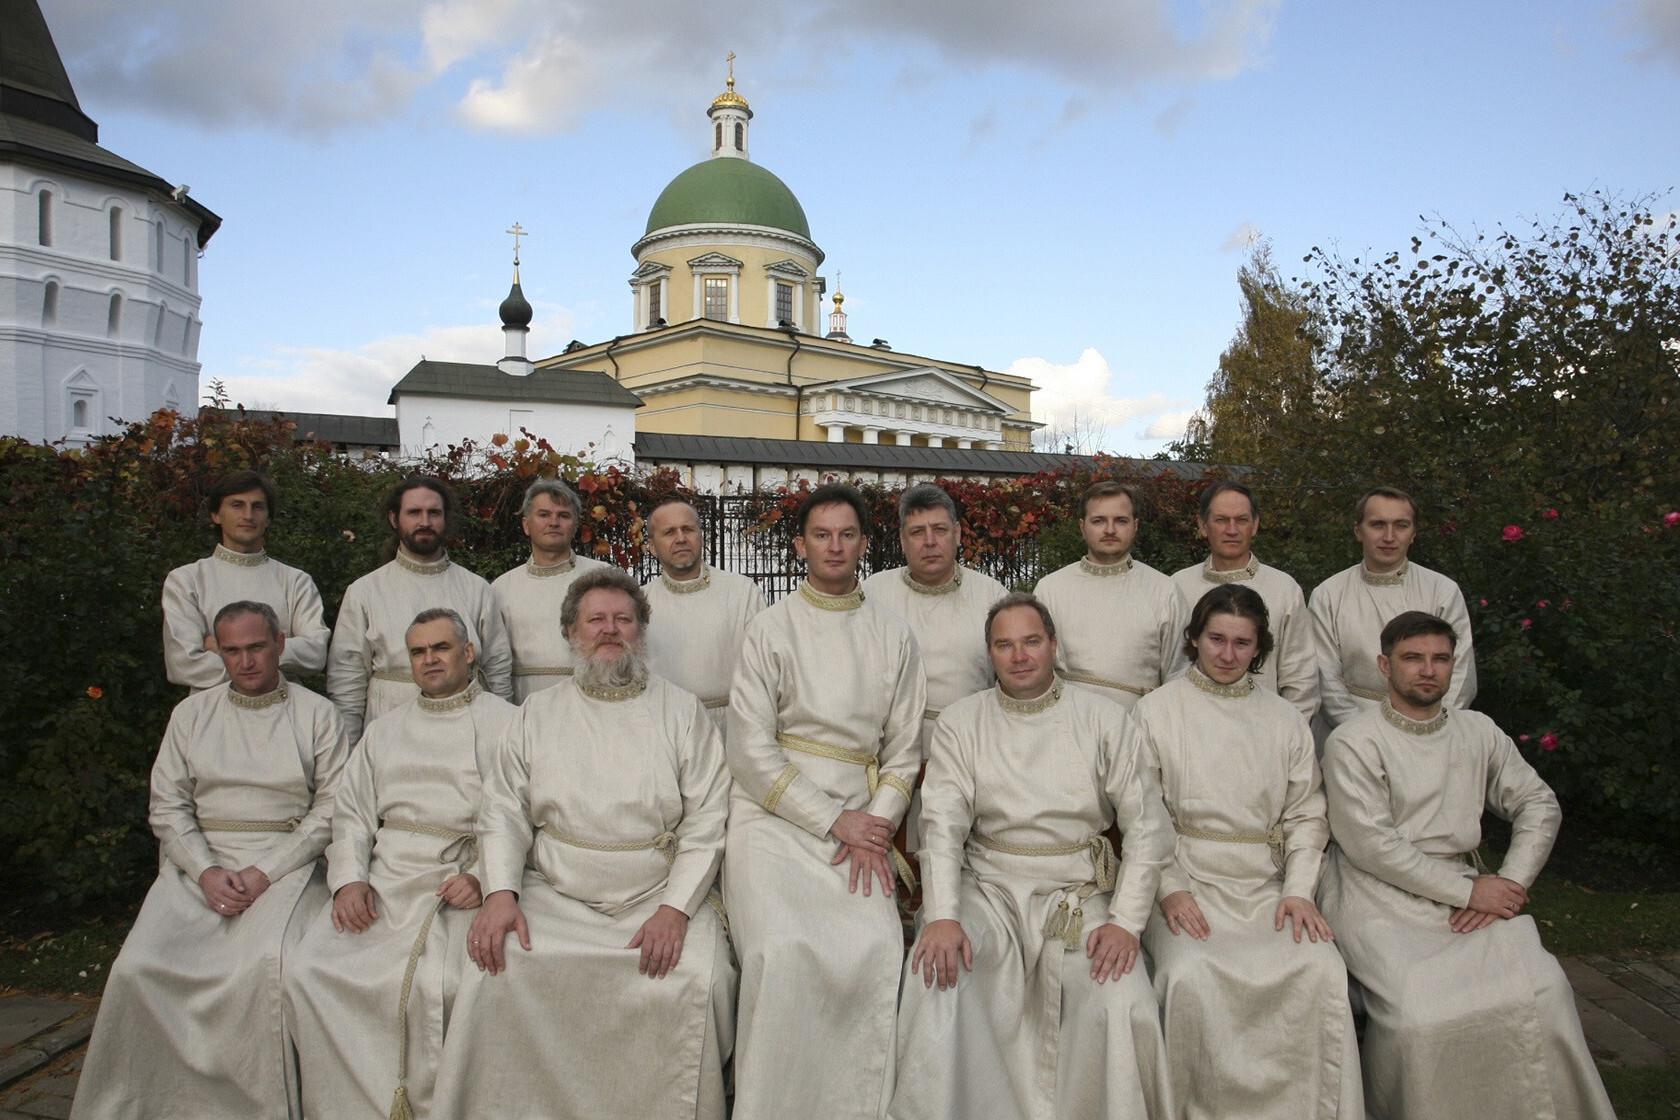 Праздничный мужской хор Московского Данилова монастыря. Регент - Георгий Сафонов